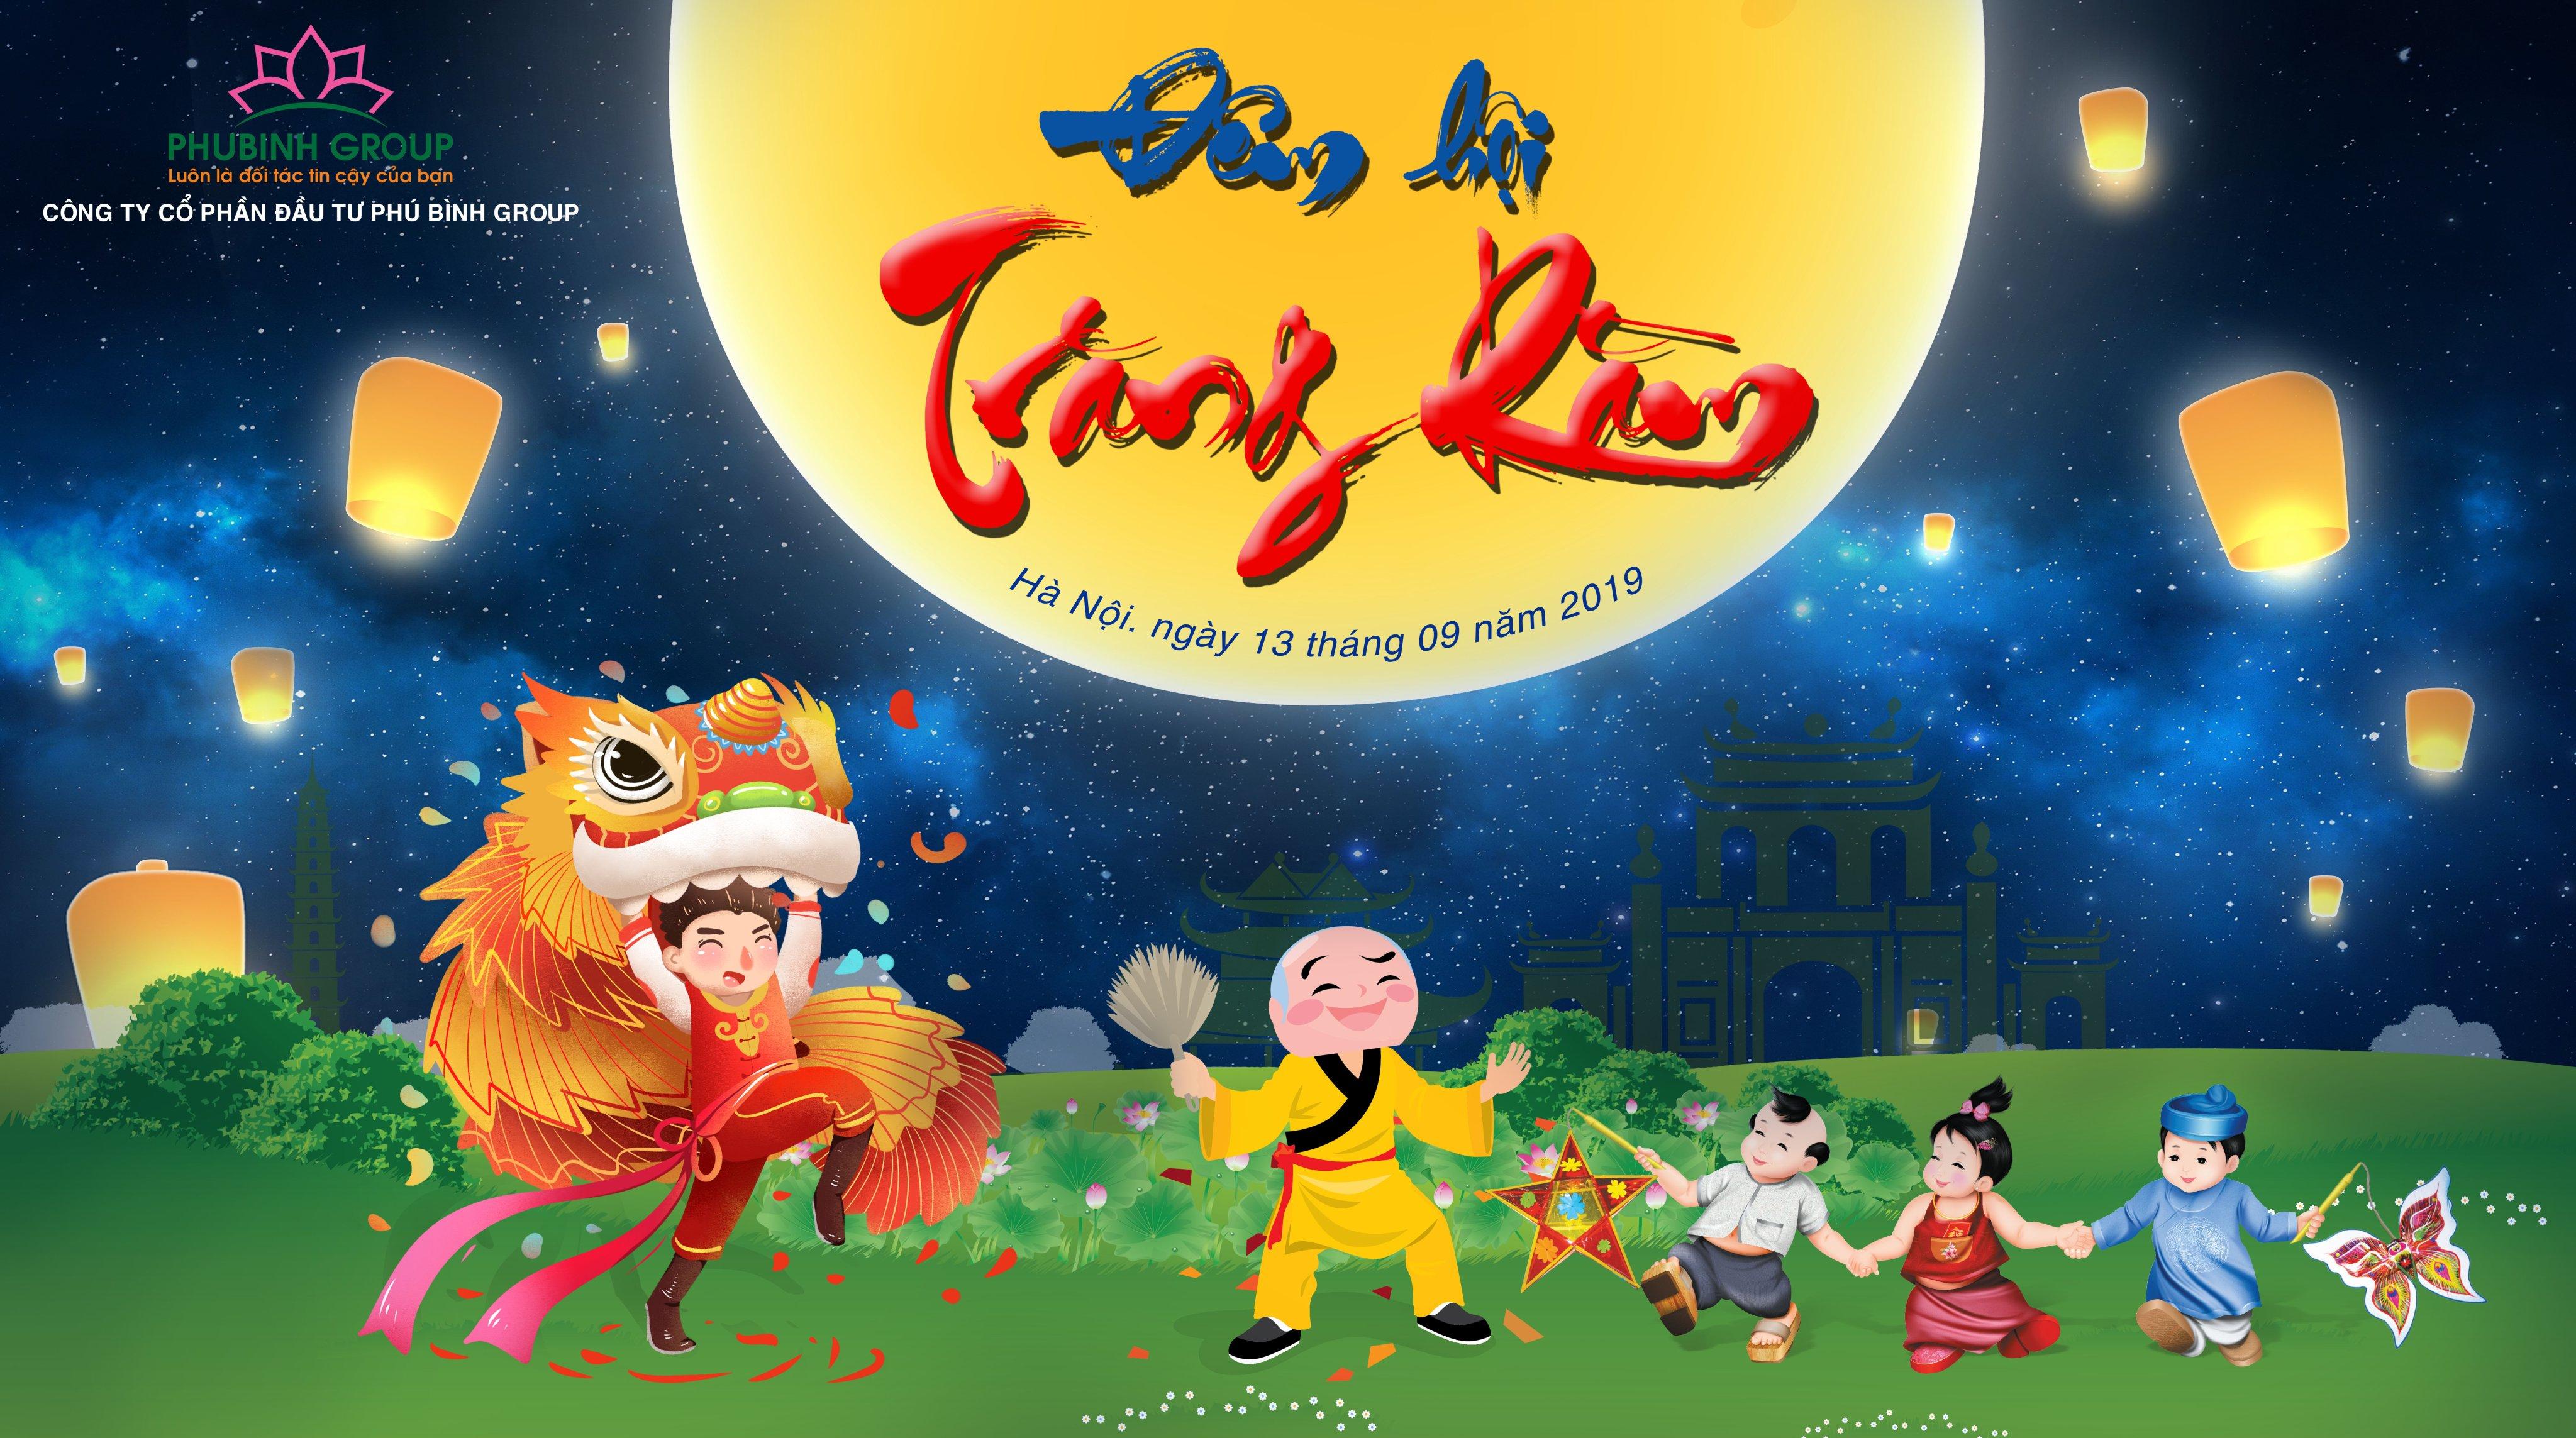 Háo hức vui đón Trung thu cùng Phú Bình Group